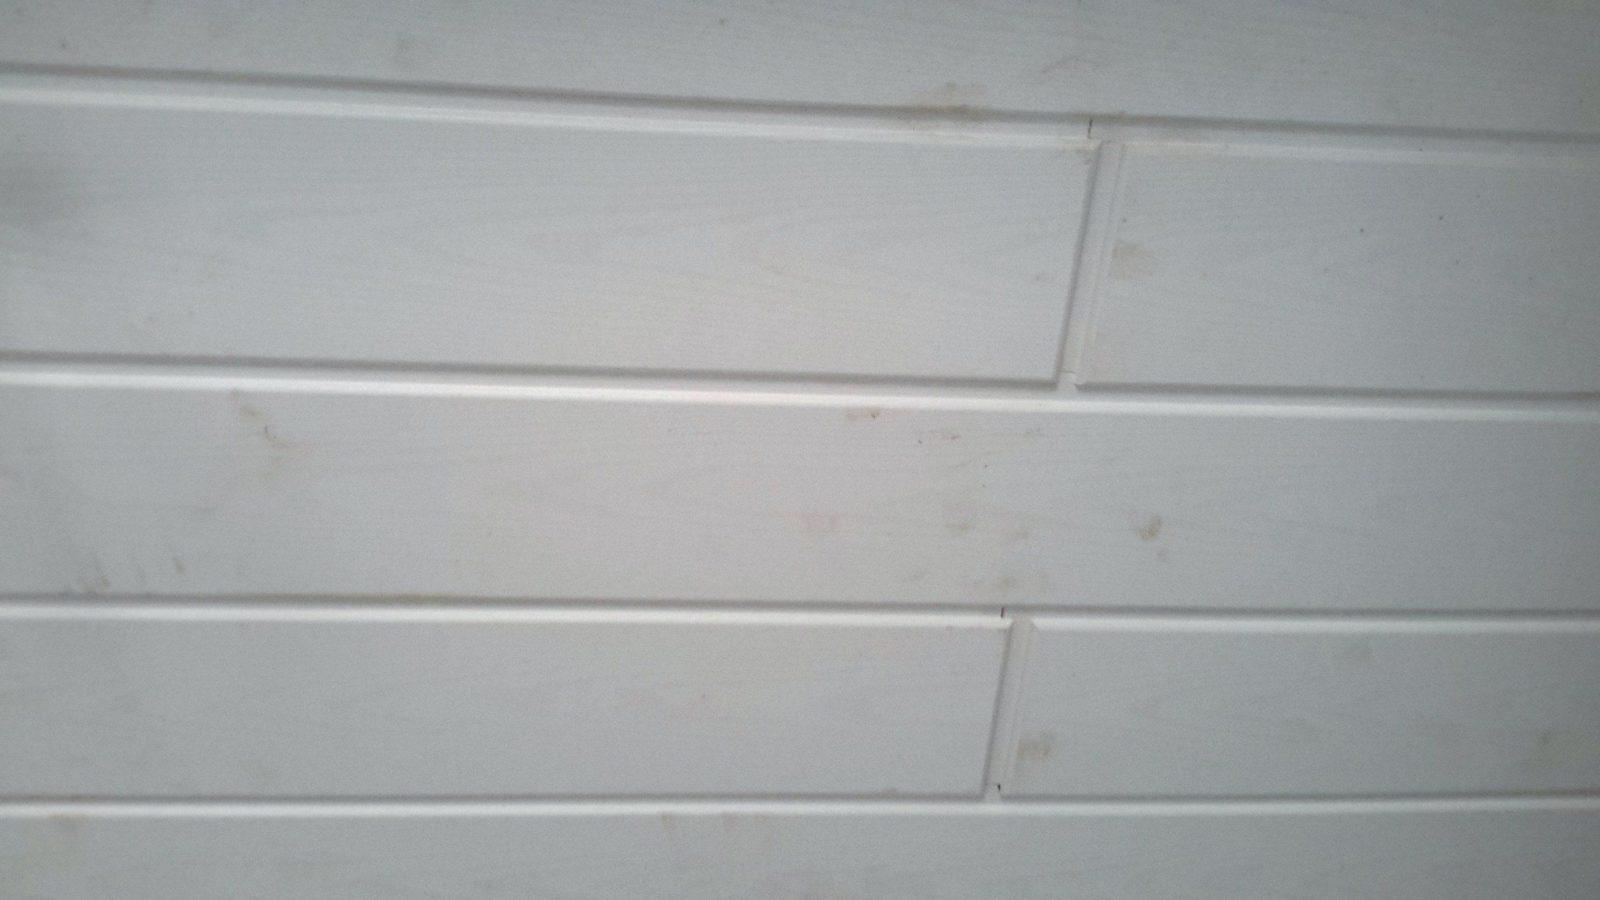 Holzdecke Weiss Weisstanne Lasur Streichen Ohne Abschleifen von Holzdecke Streichen Ohne Abschleifen Photo